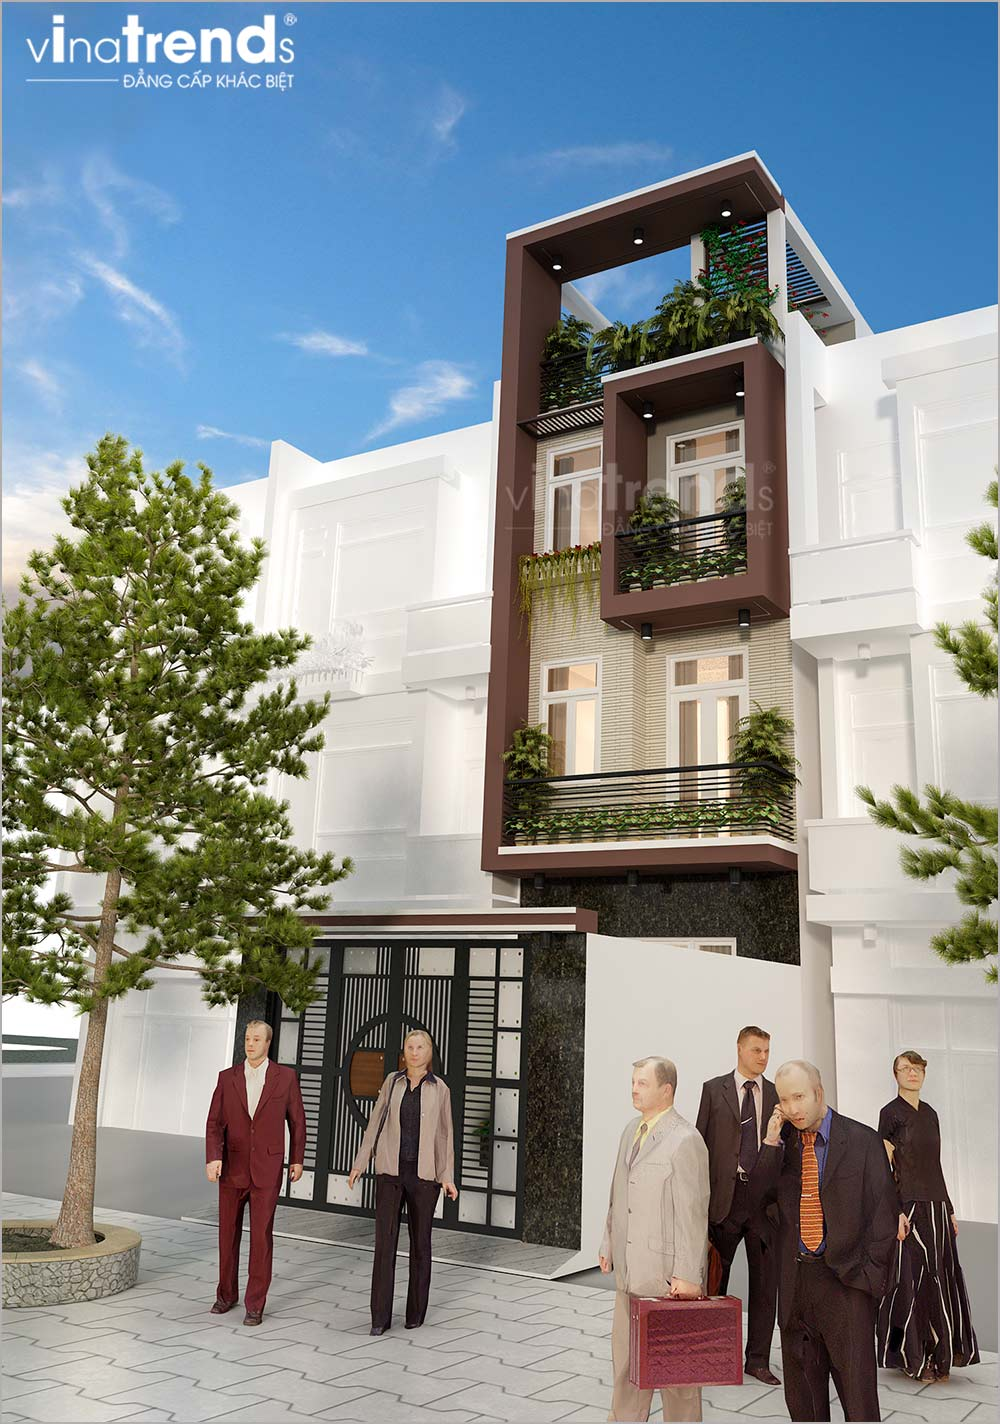 mau nha ong mat tien 5m 4 tang hien dai dep nhat hien nay 4 Mẫu nhà phố mặt tiền 4m 4 tầng dài 12m cả nội thất hiện đại ở Gò Vấp   Hồ Chí Minh